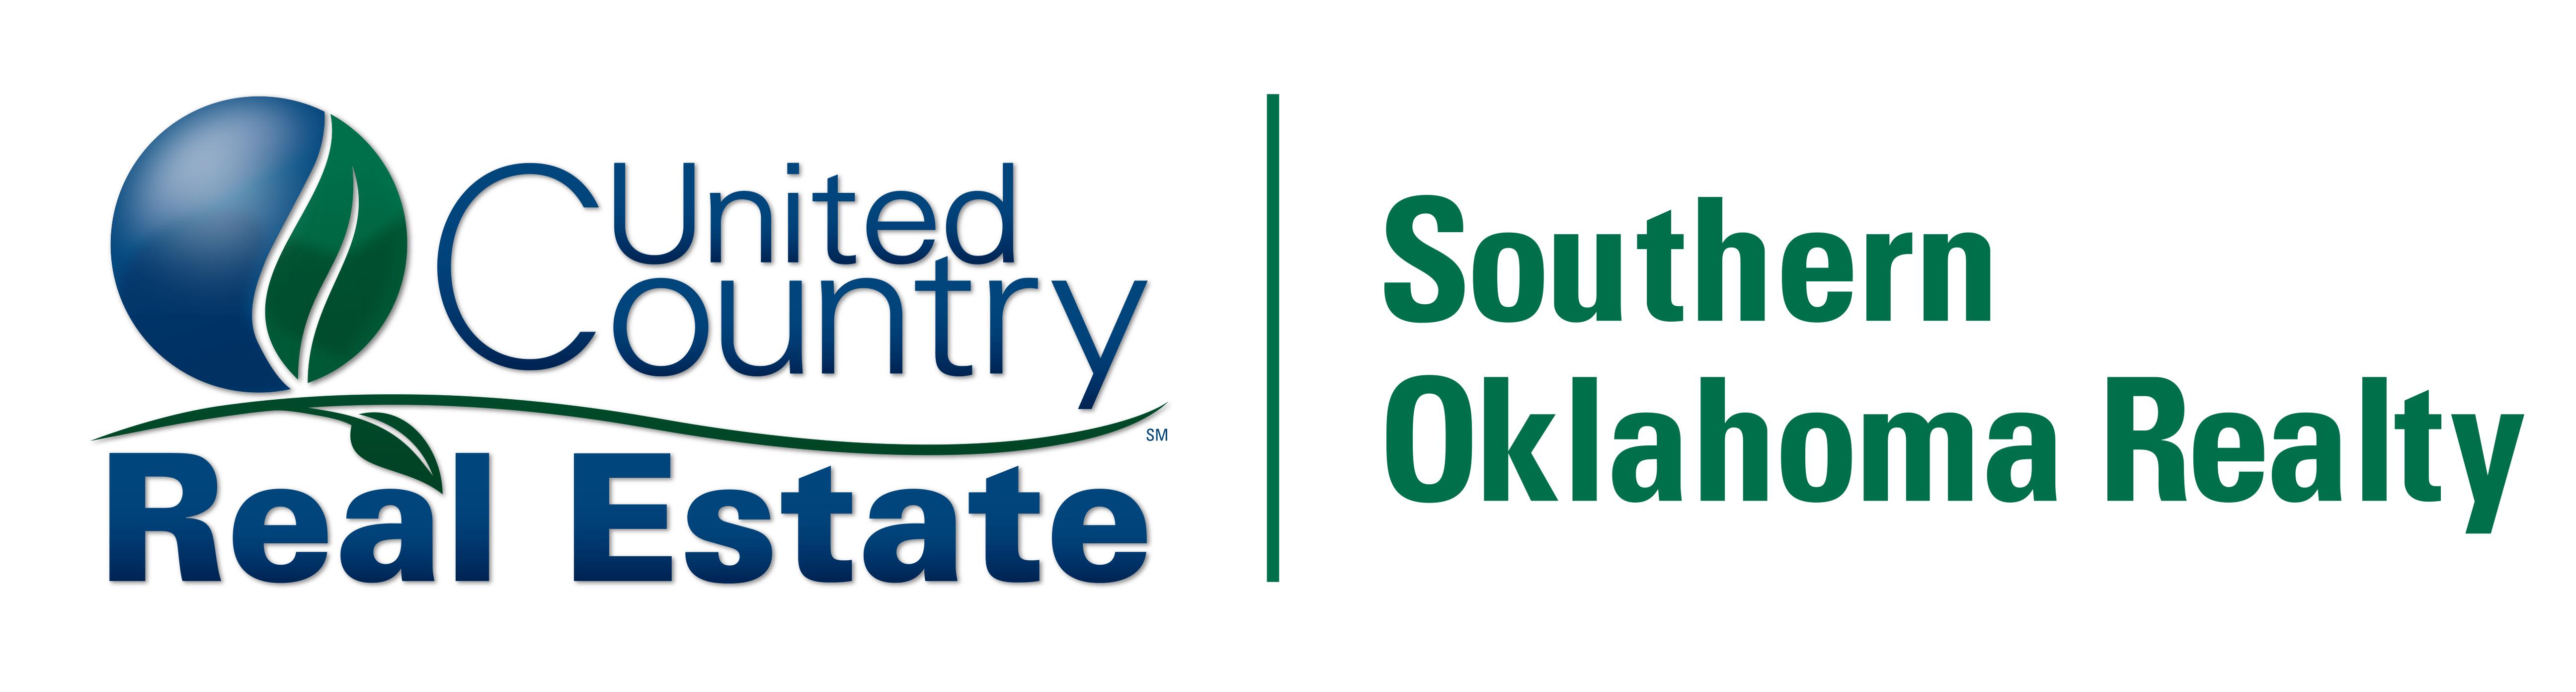 Southern Oklahoma Realty logo